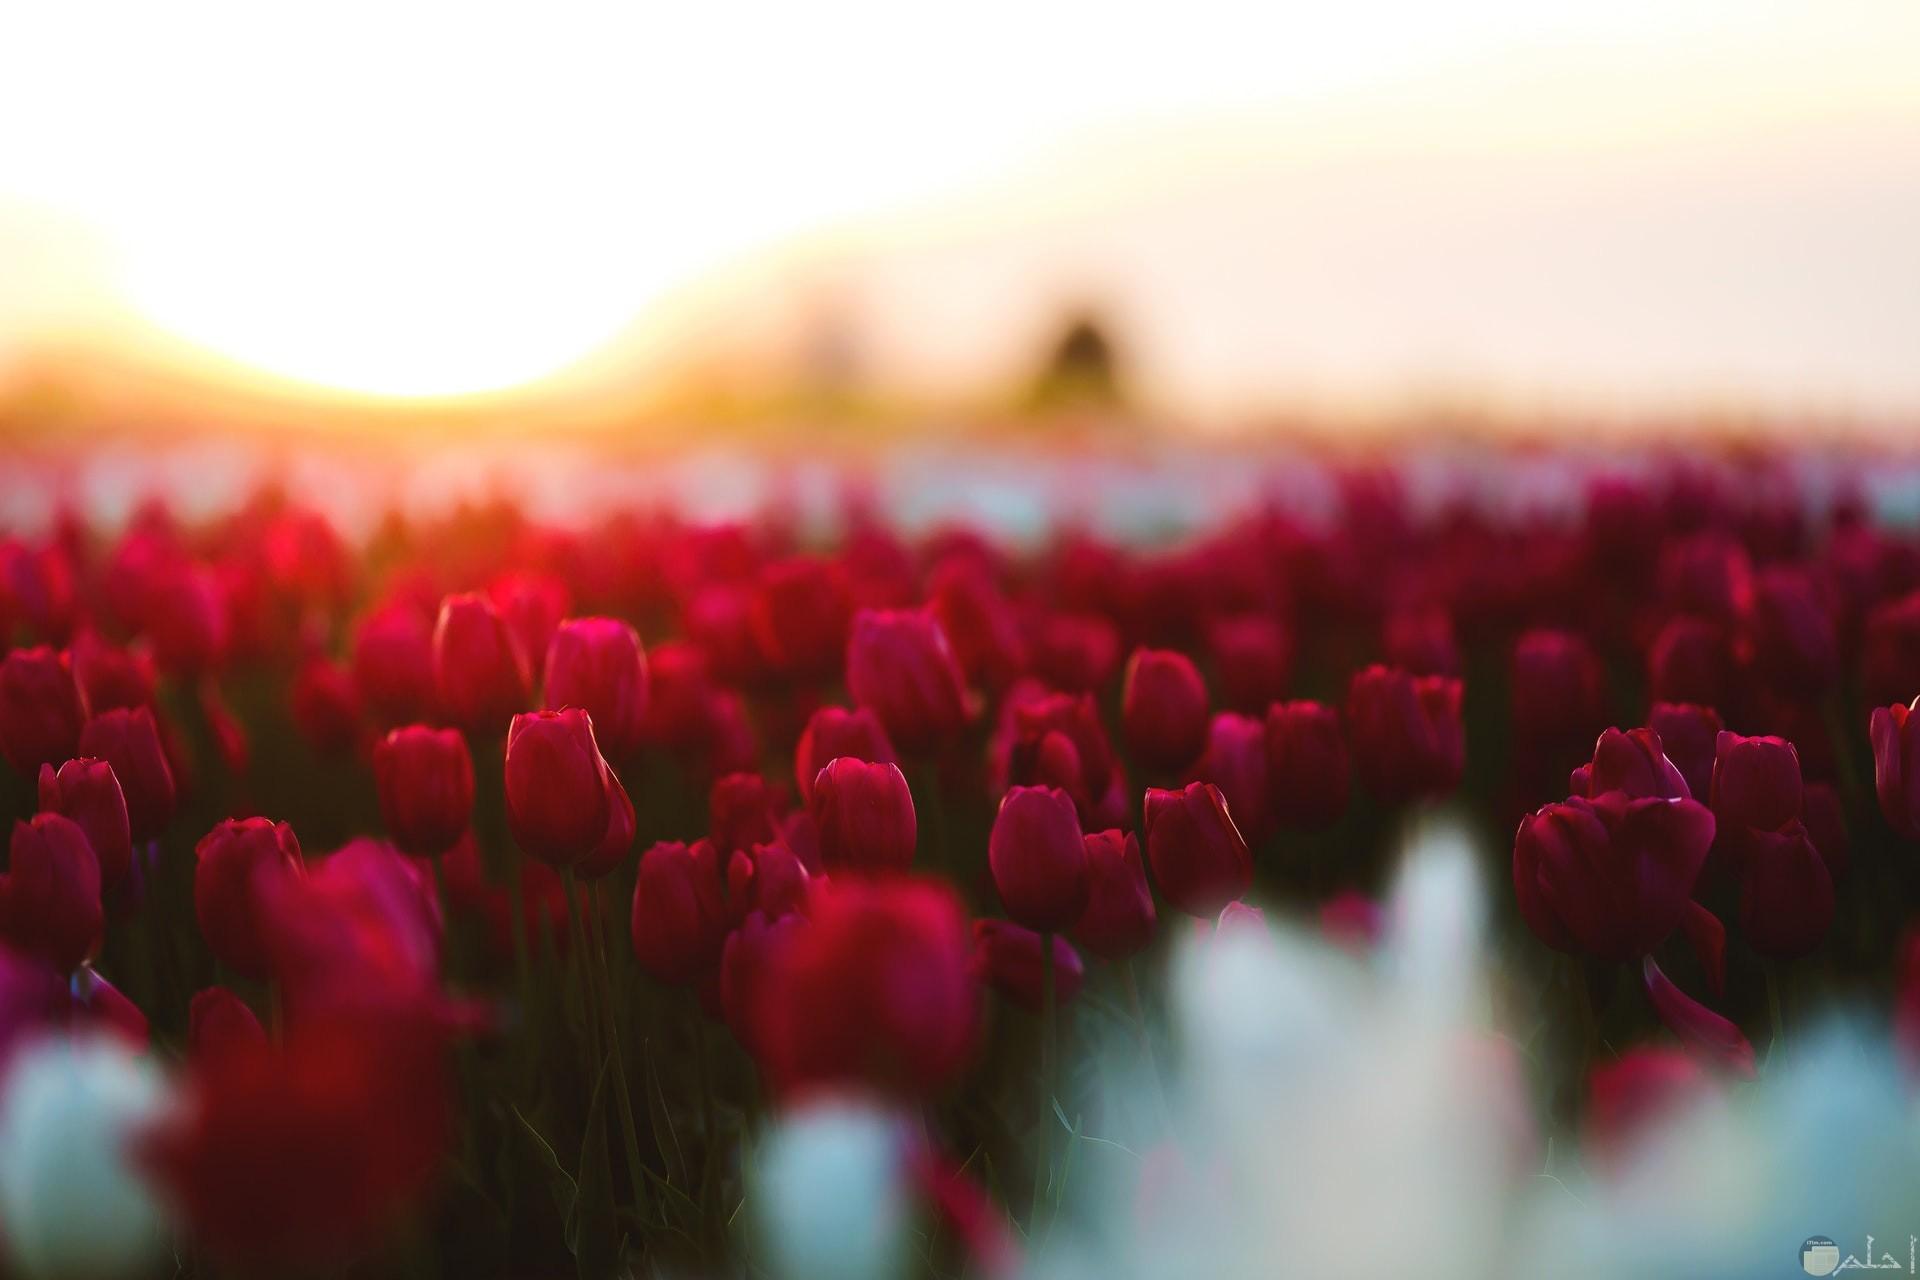 صورة مميزة لمجموعة وردات حمراء جميلة في حديقة ورد